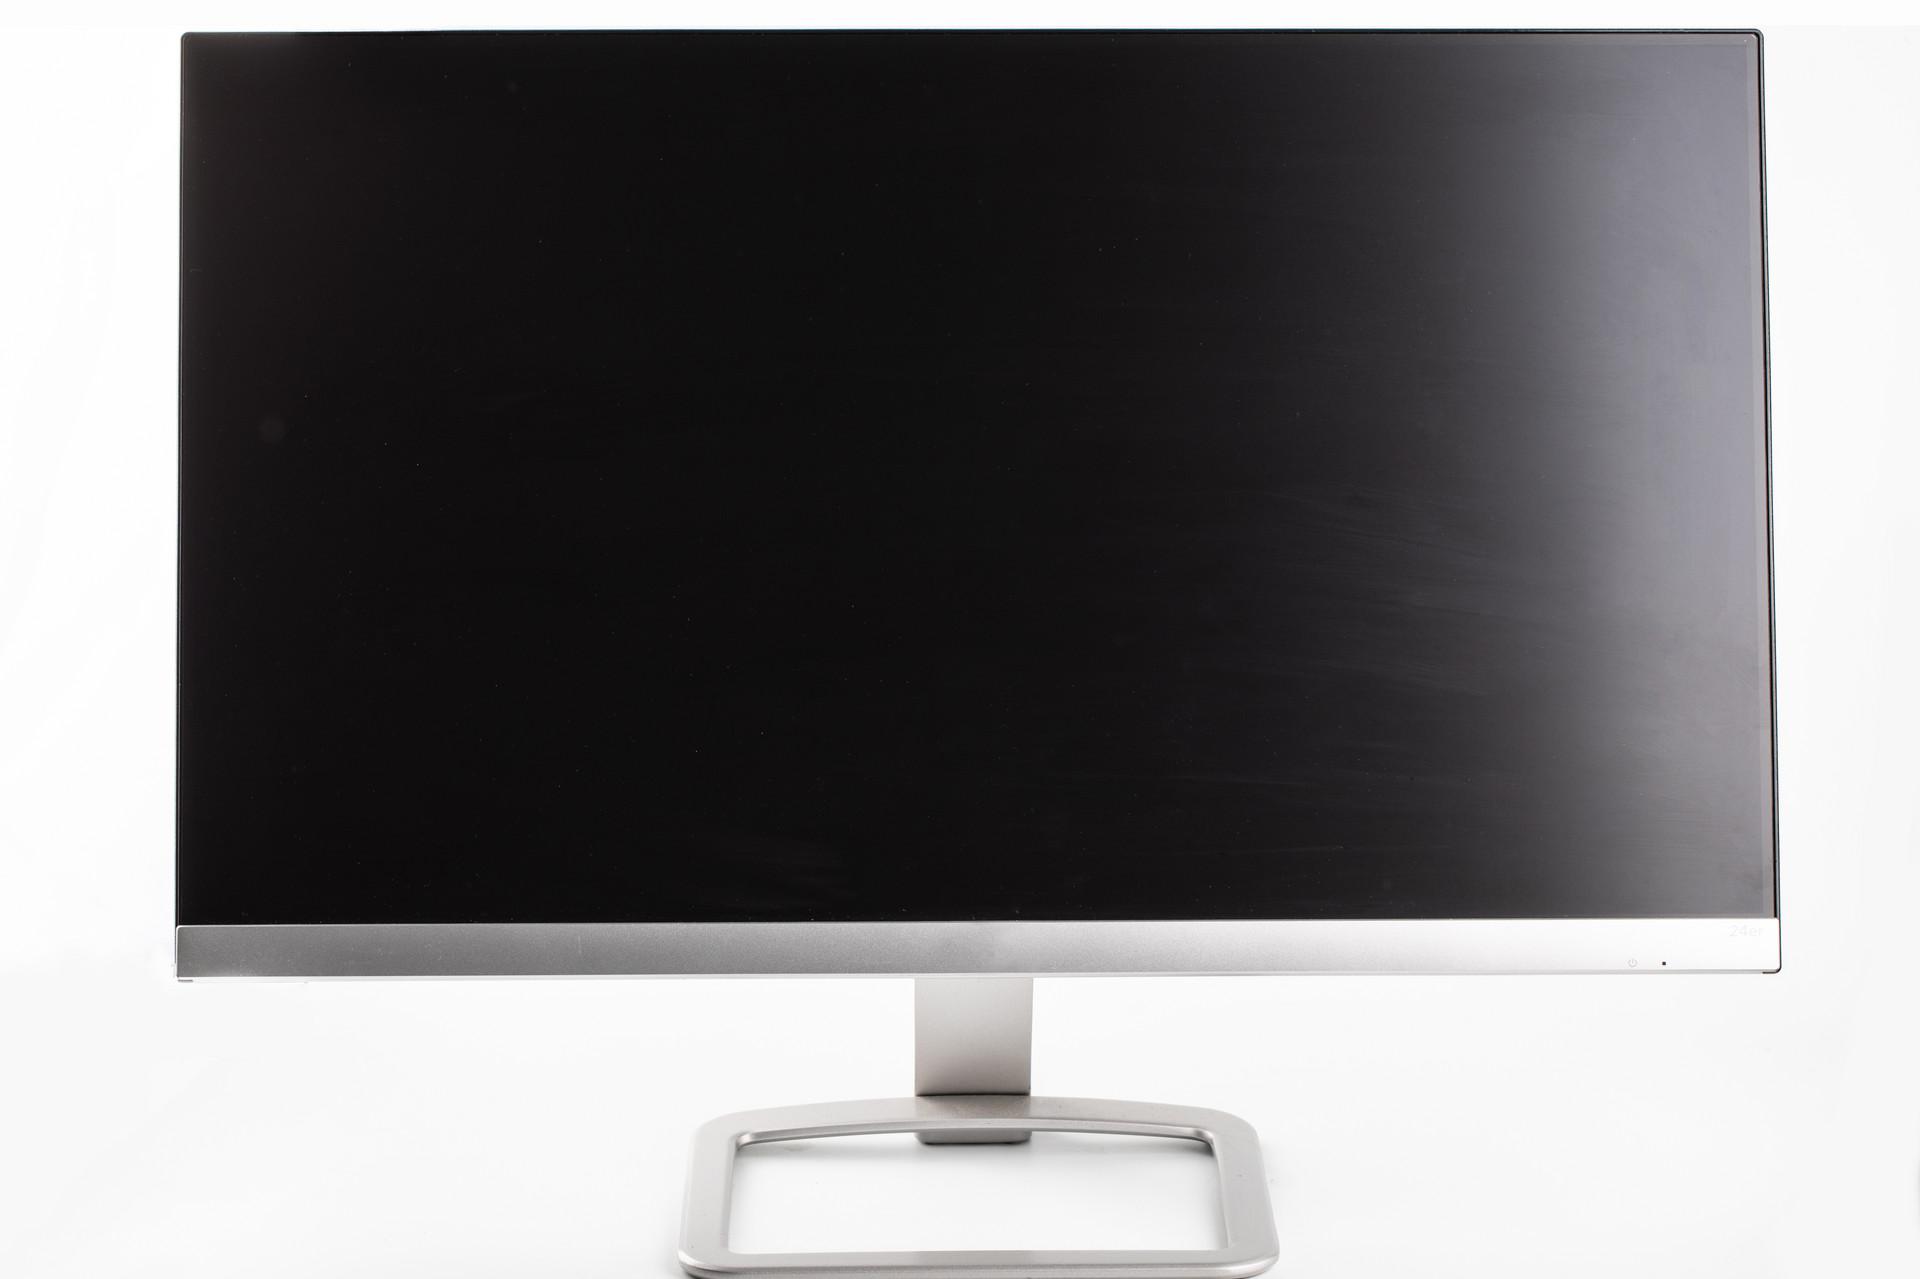 明年77英寸OLED电视的价格或将让人狂喜